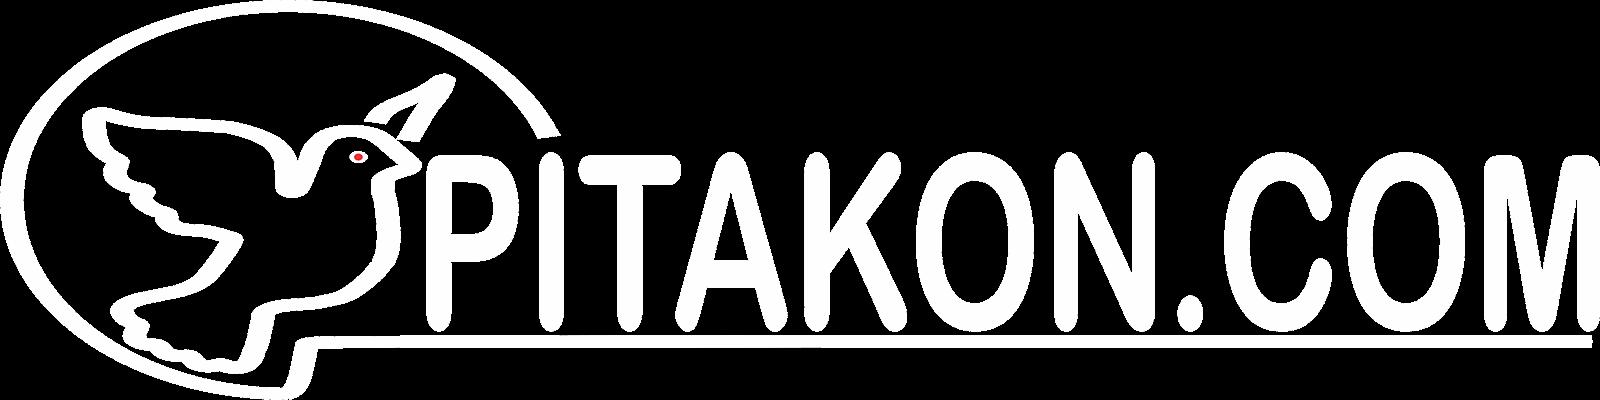 PITAKON - Informasi dan Sharing